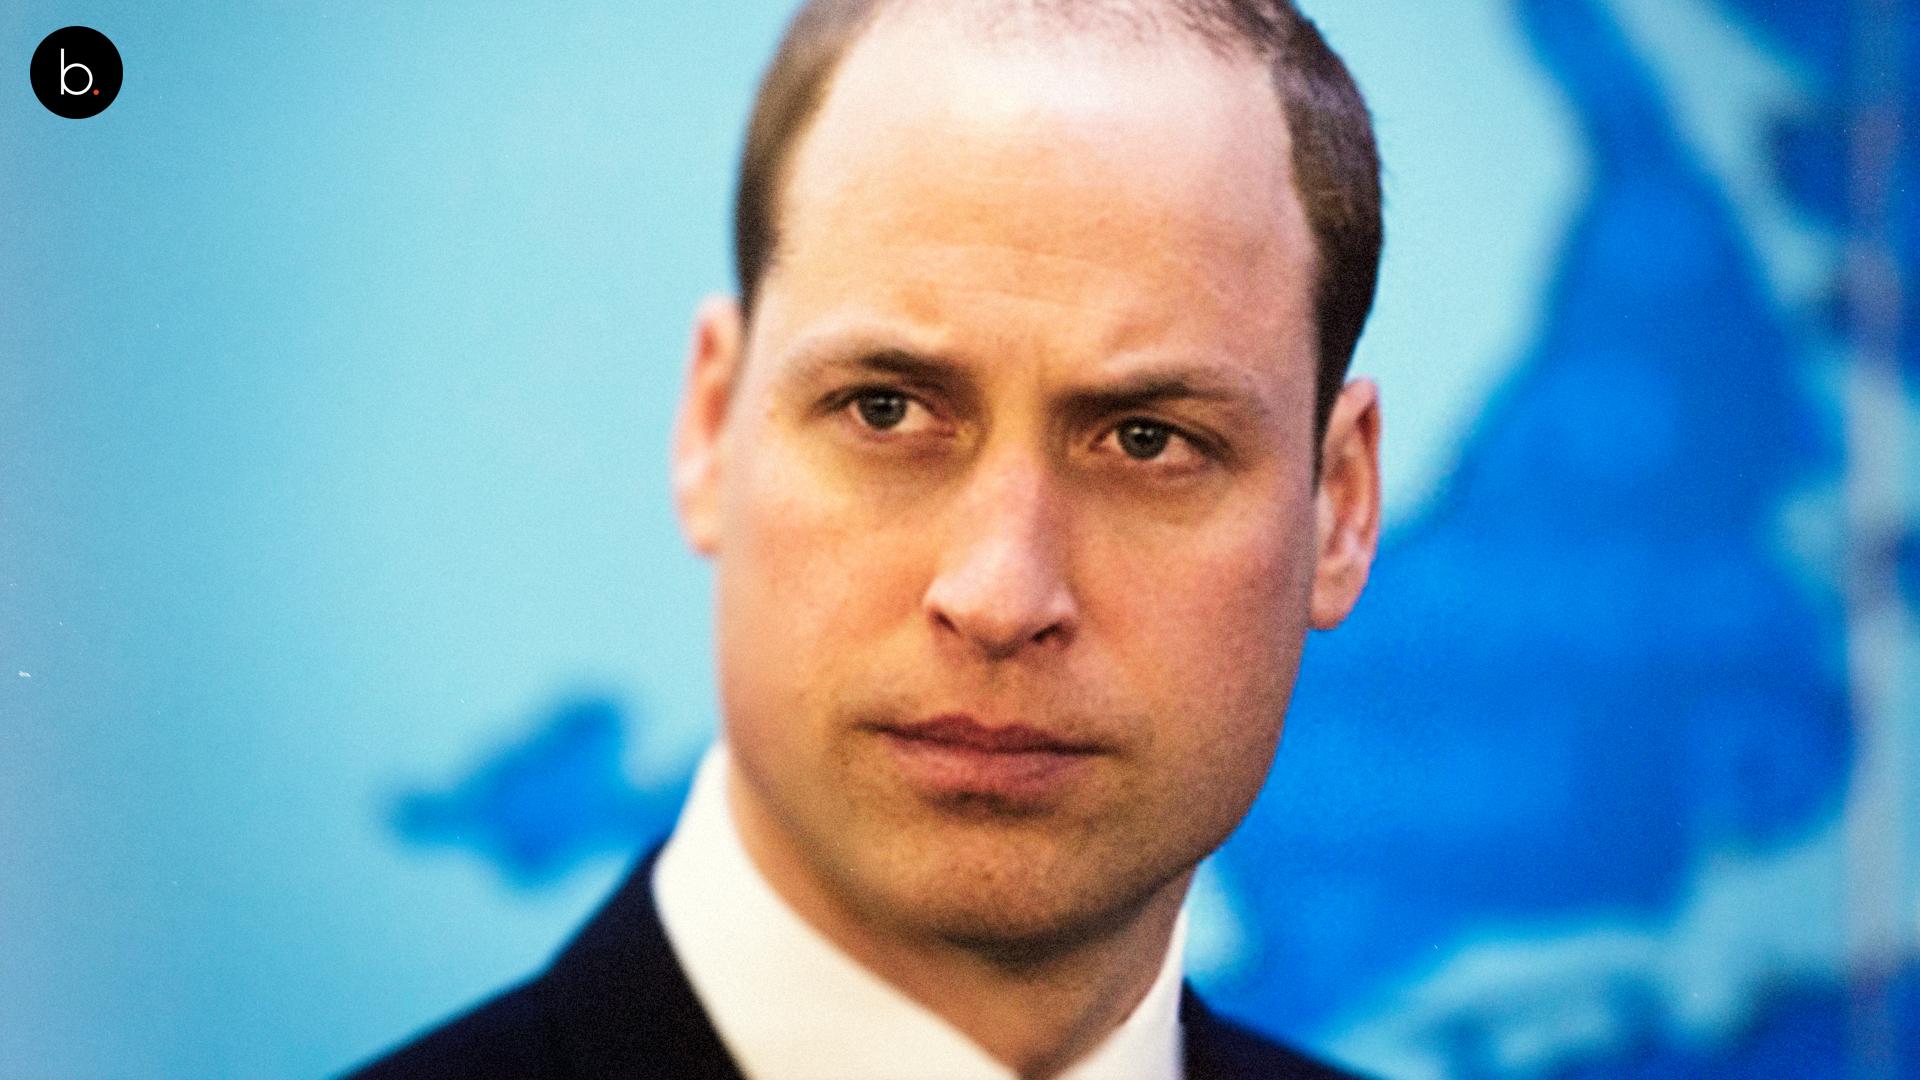 El principe William y su nuevo corte de pelo